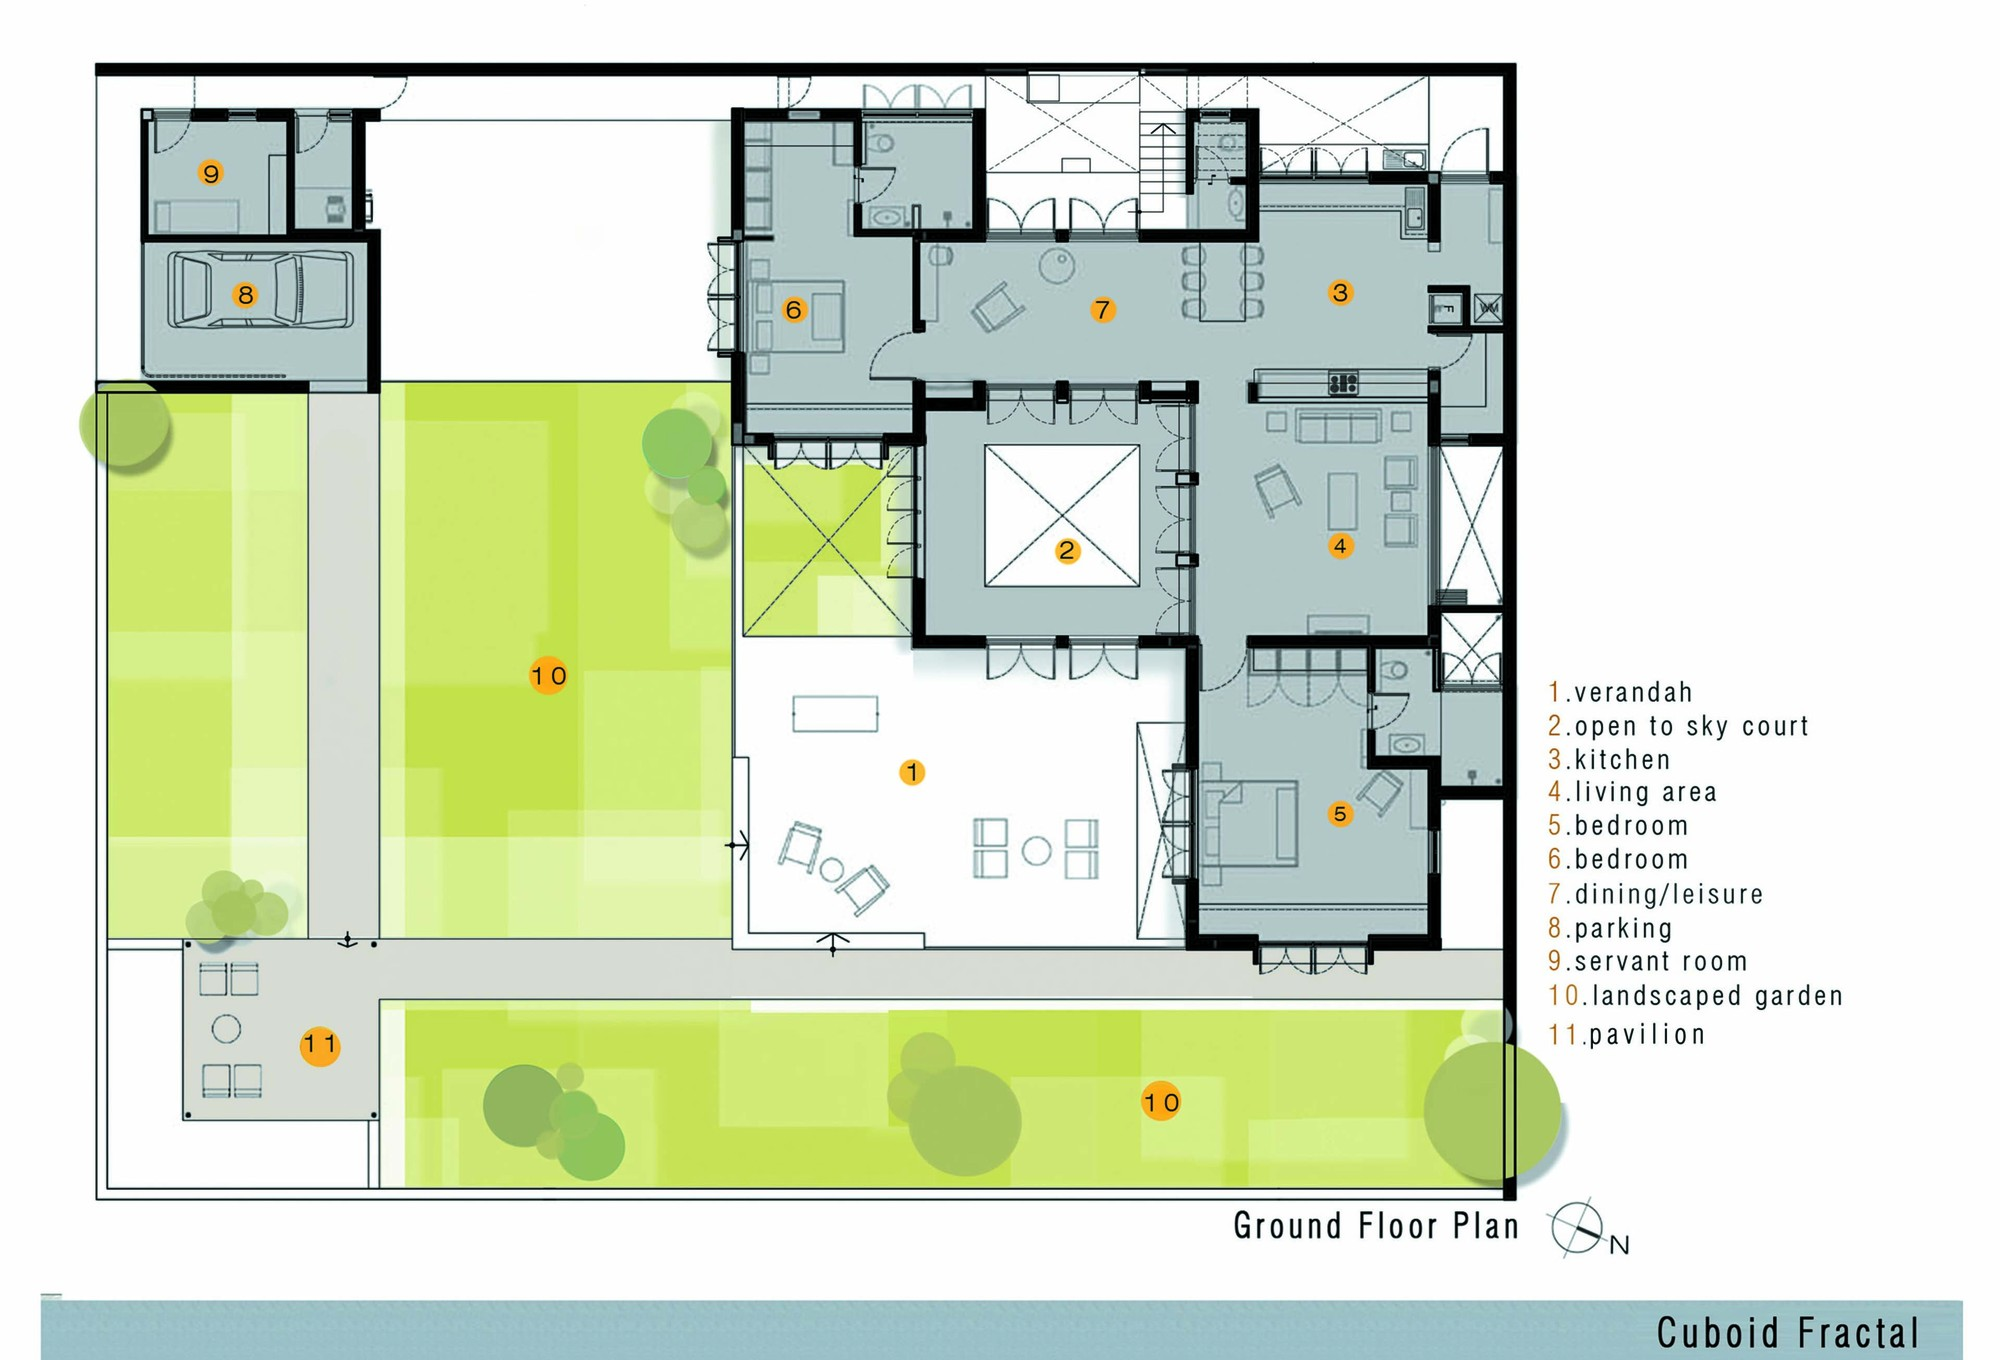 Cuboid Fractal / Greyscale Design Studio | ArchDaily